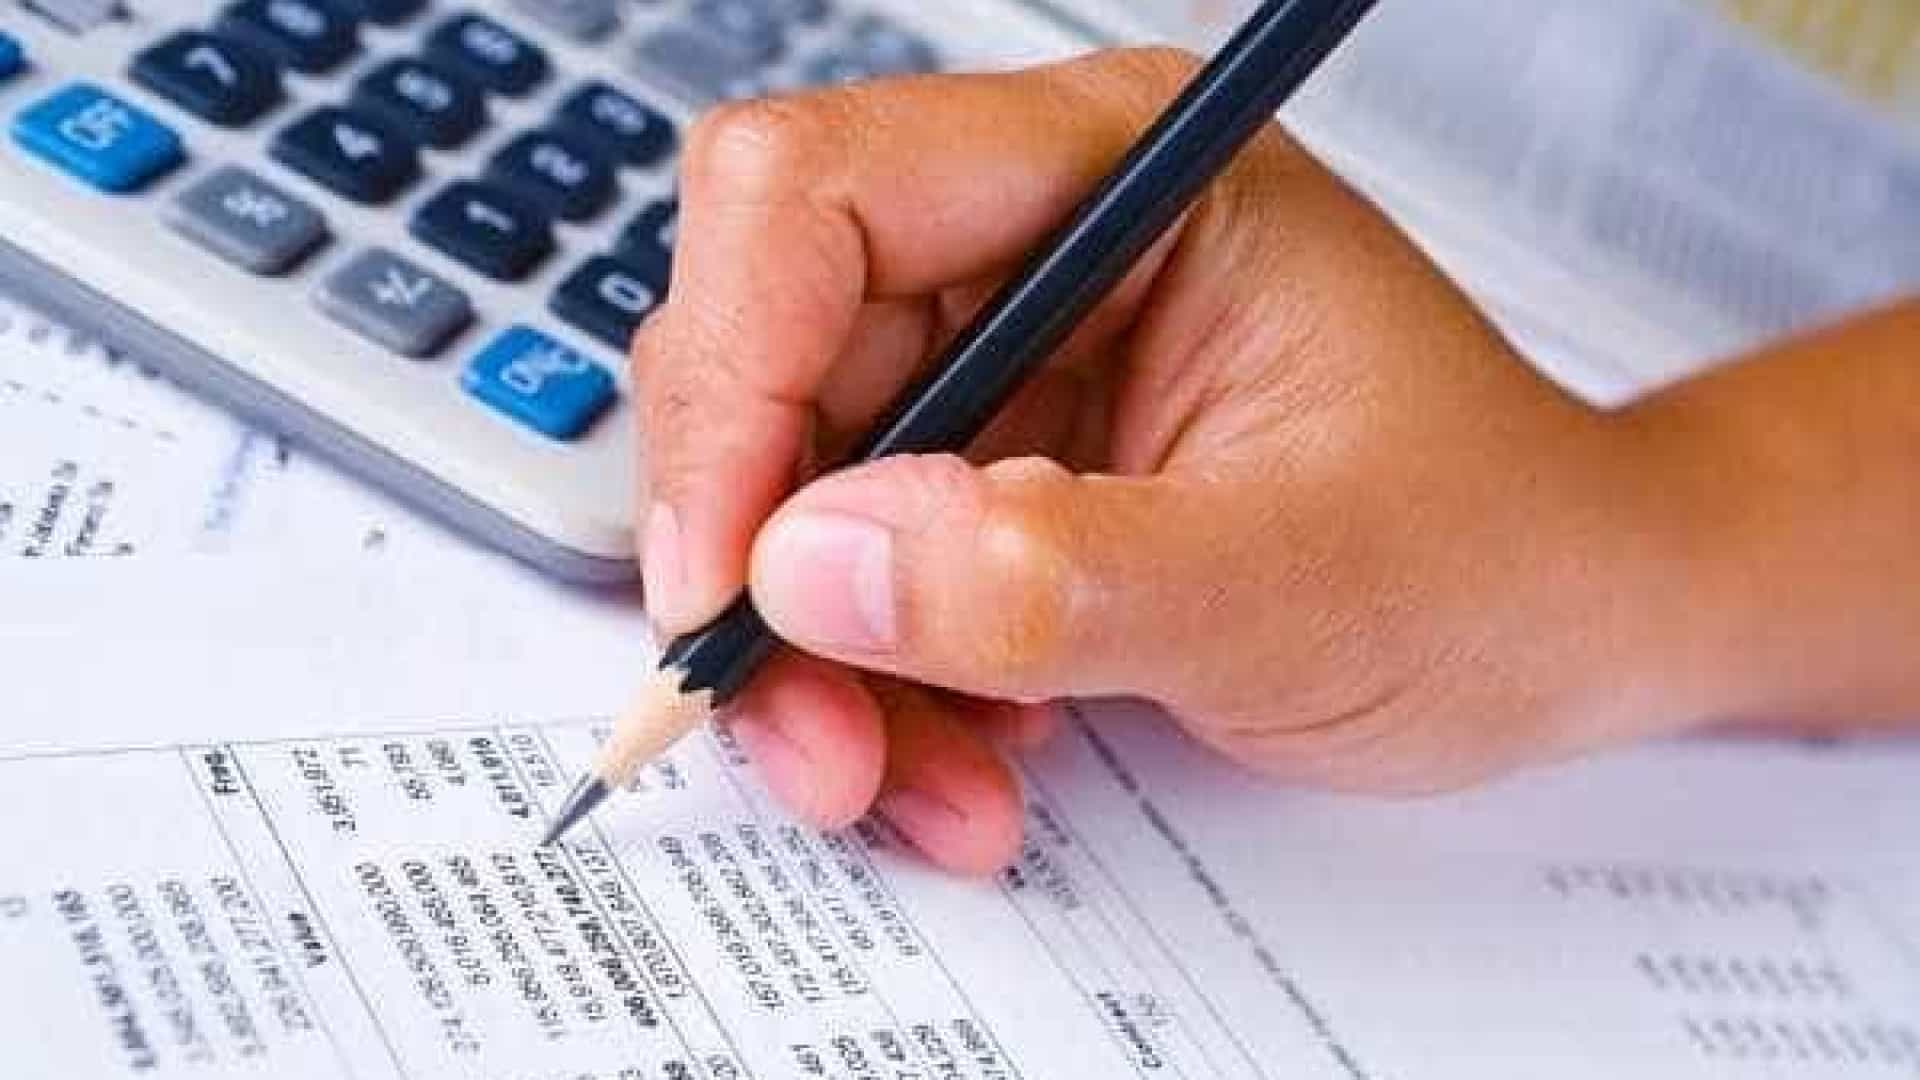 Para 50% dos brasileiros, gasto público é insuficiente, diz Datafolha